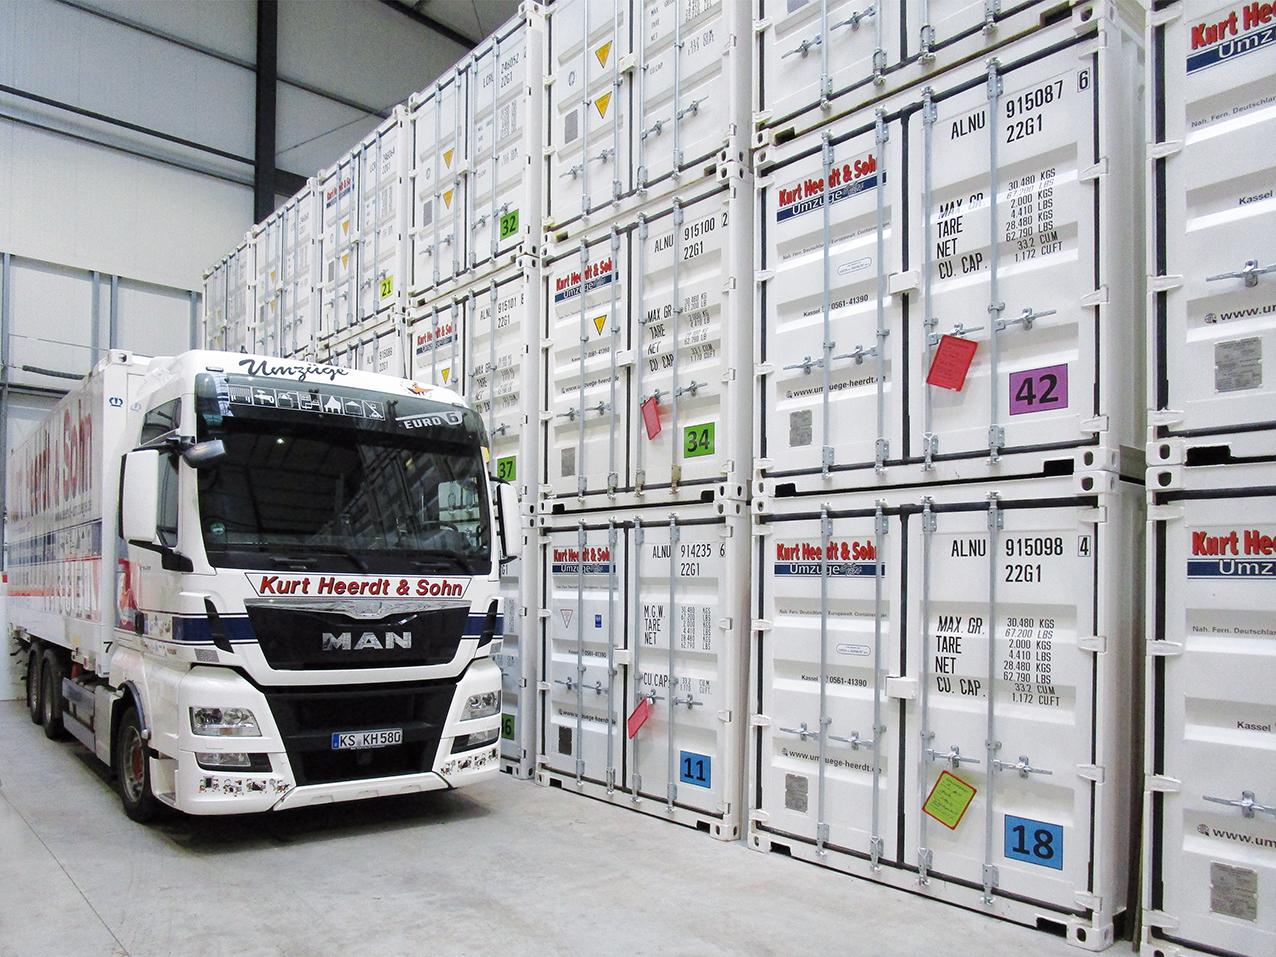 Einlagerung mit LKW in Containerhalle